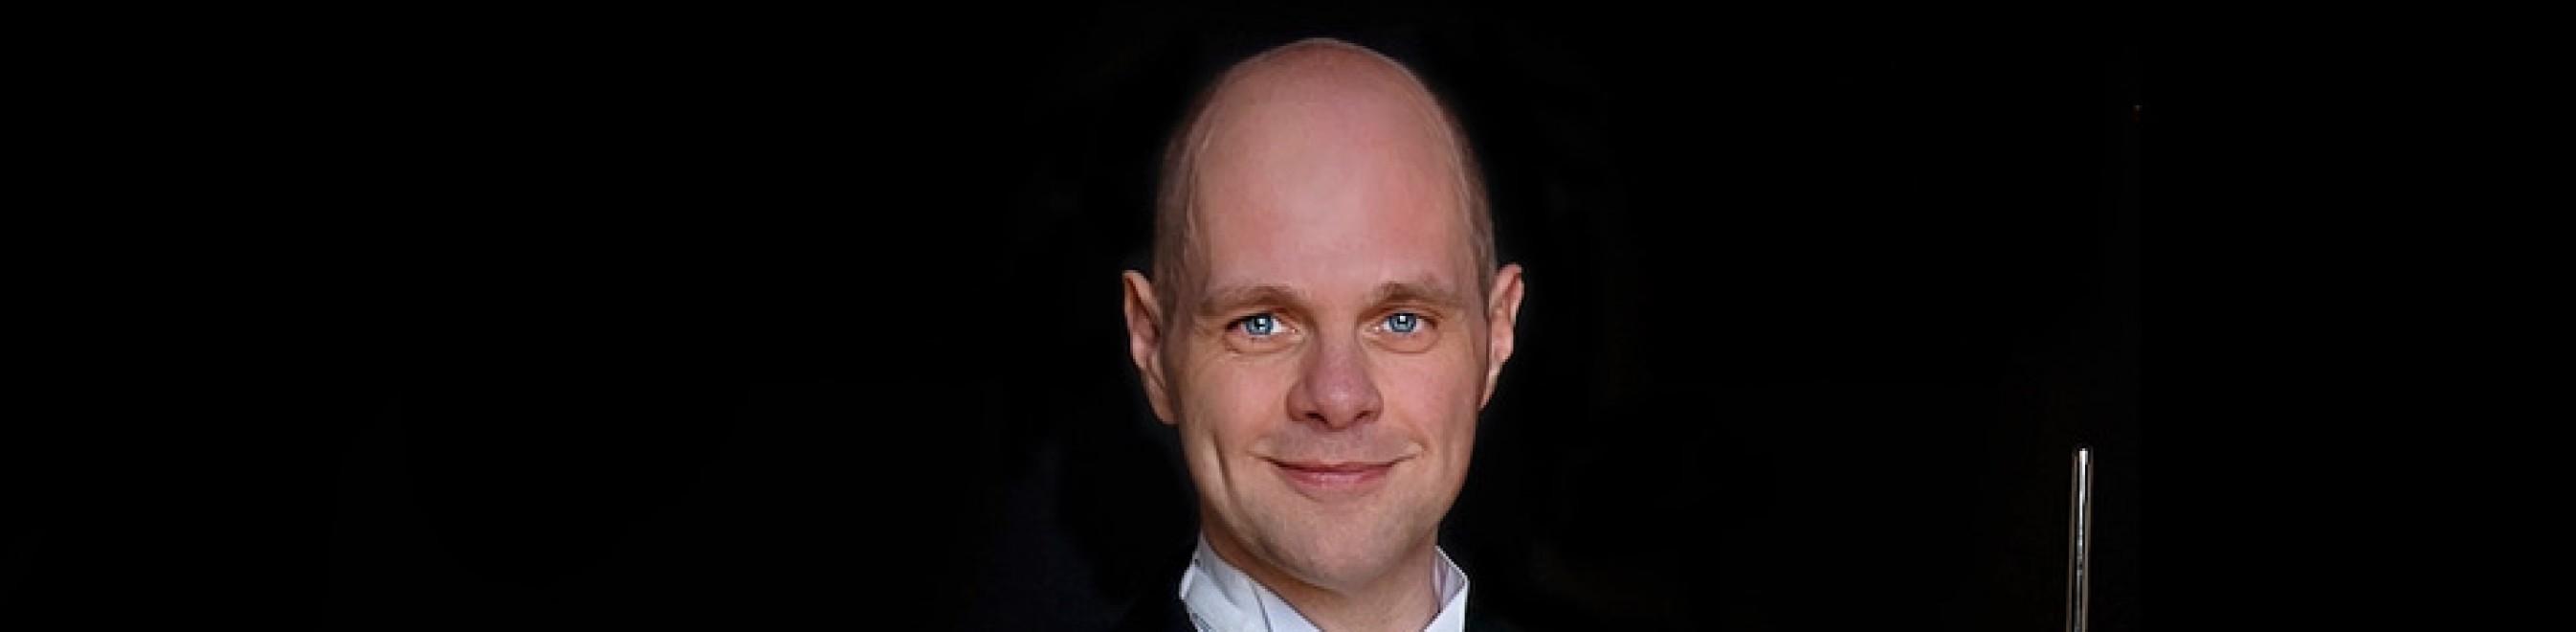 THORWALD JØRGENSEN theremin e KAMILLA BYSTROVA pianoforte